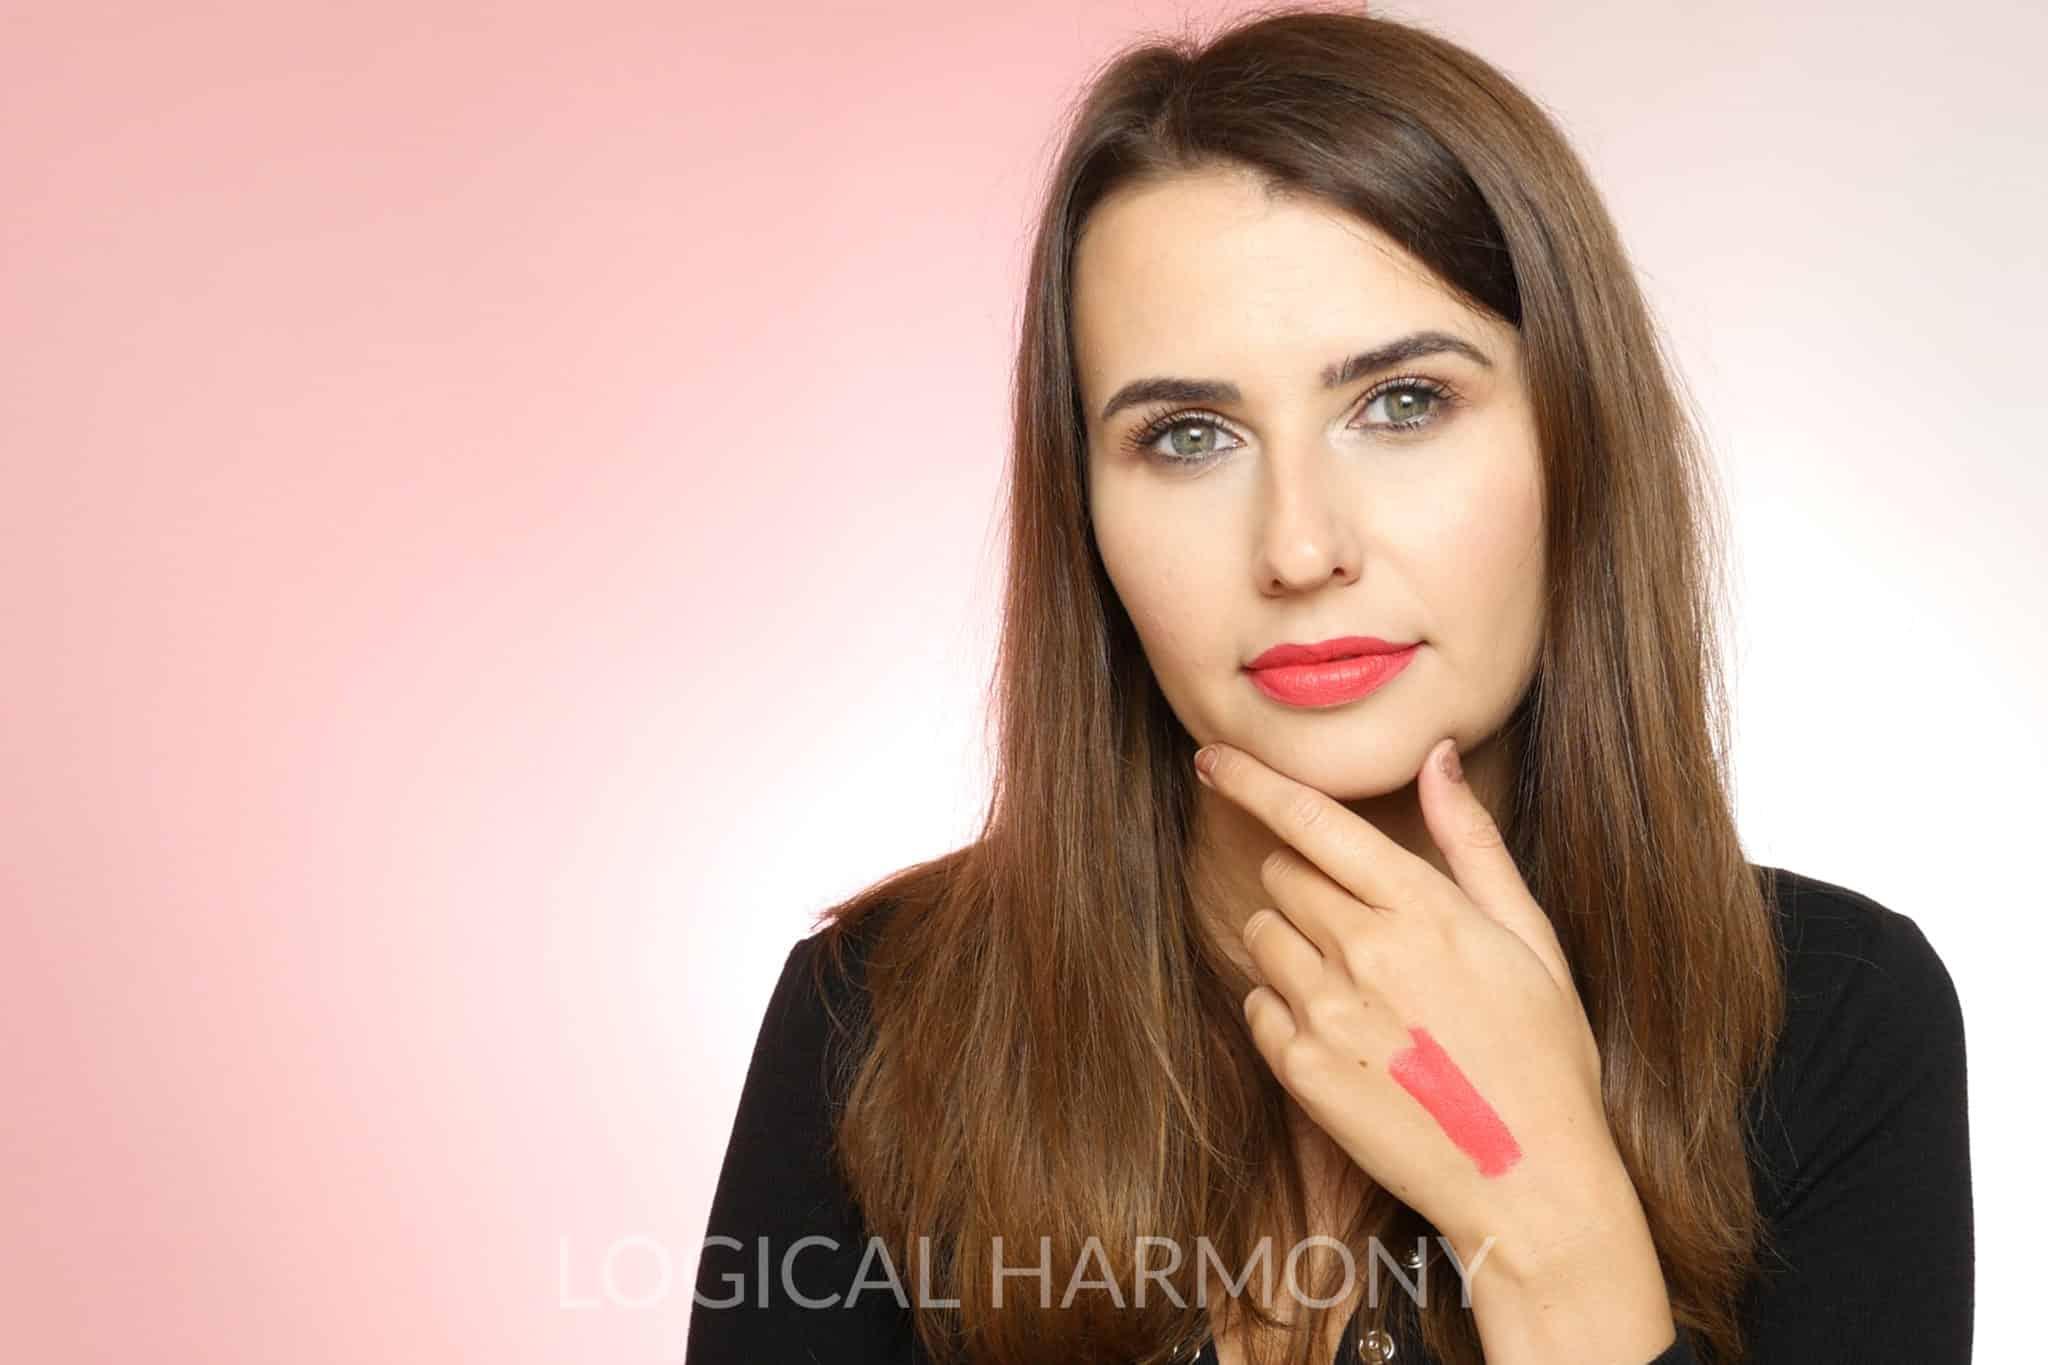 NCLA Beauty Lipstick Hollywood Heartbreaker